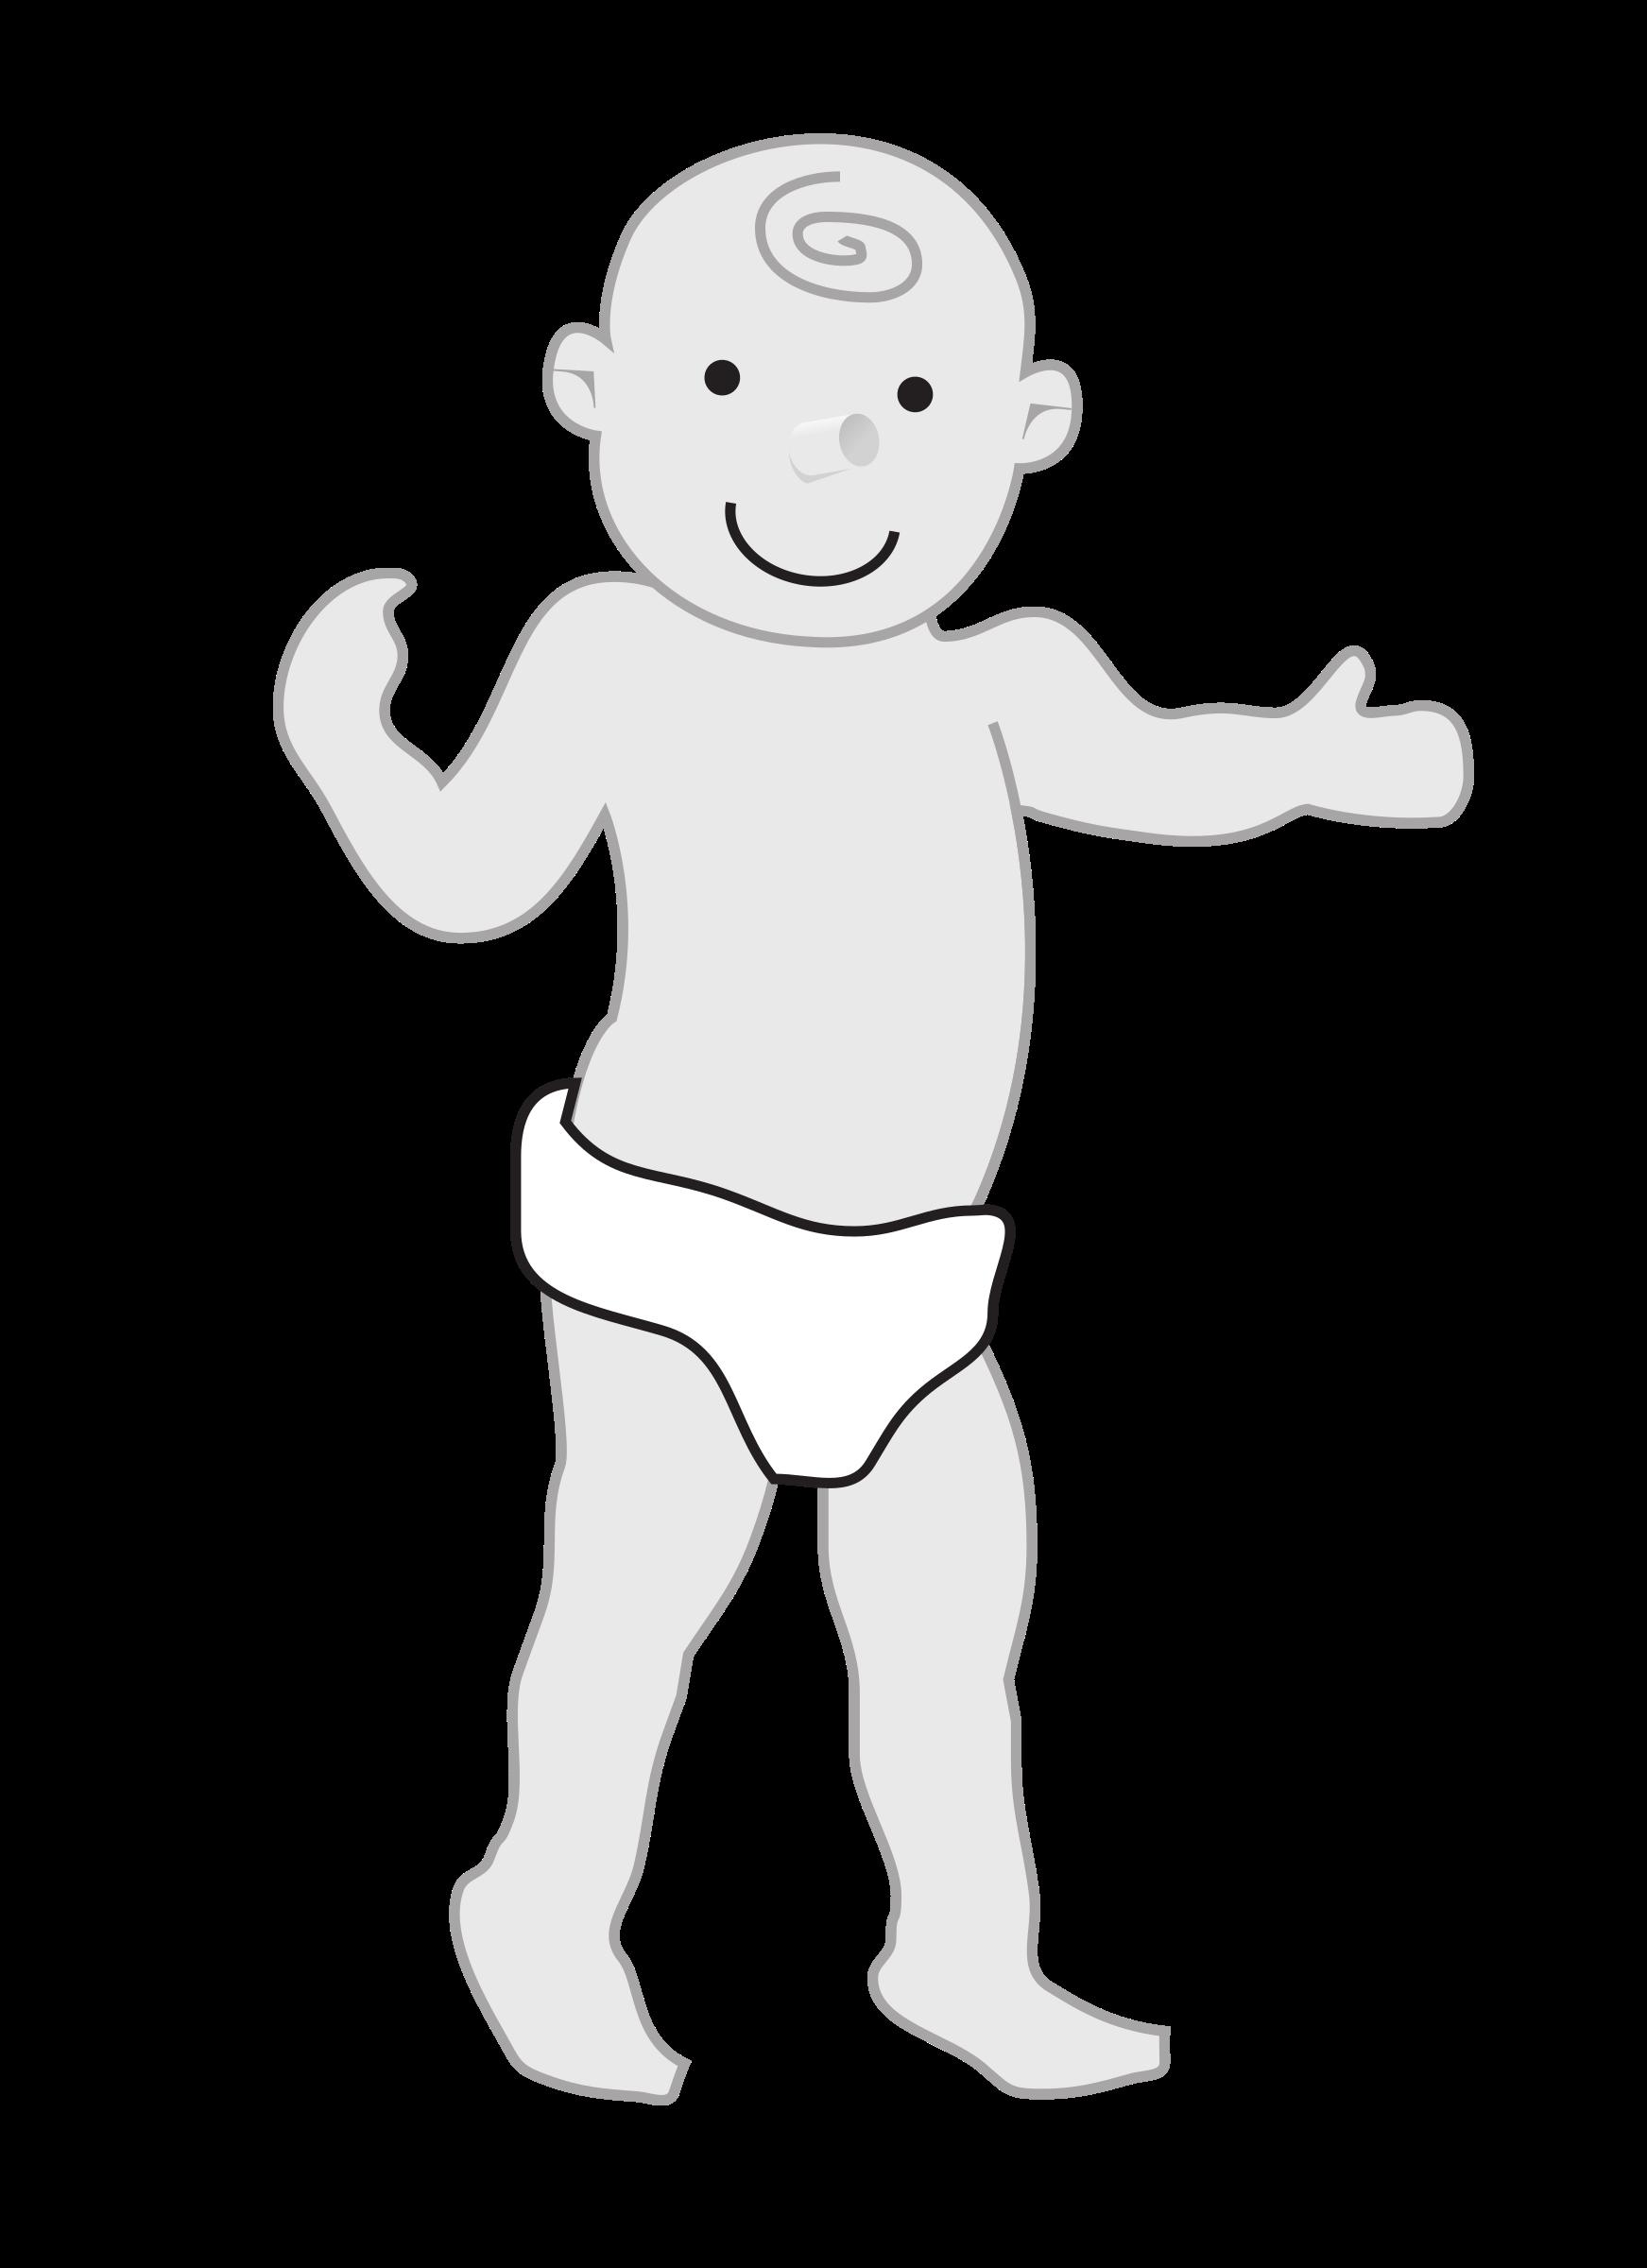 Diaper clipart walk. Baby standing big image